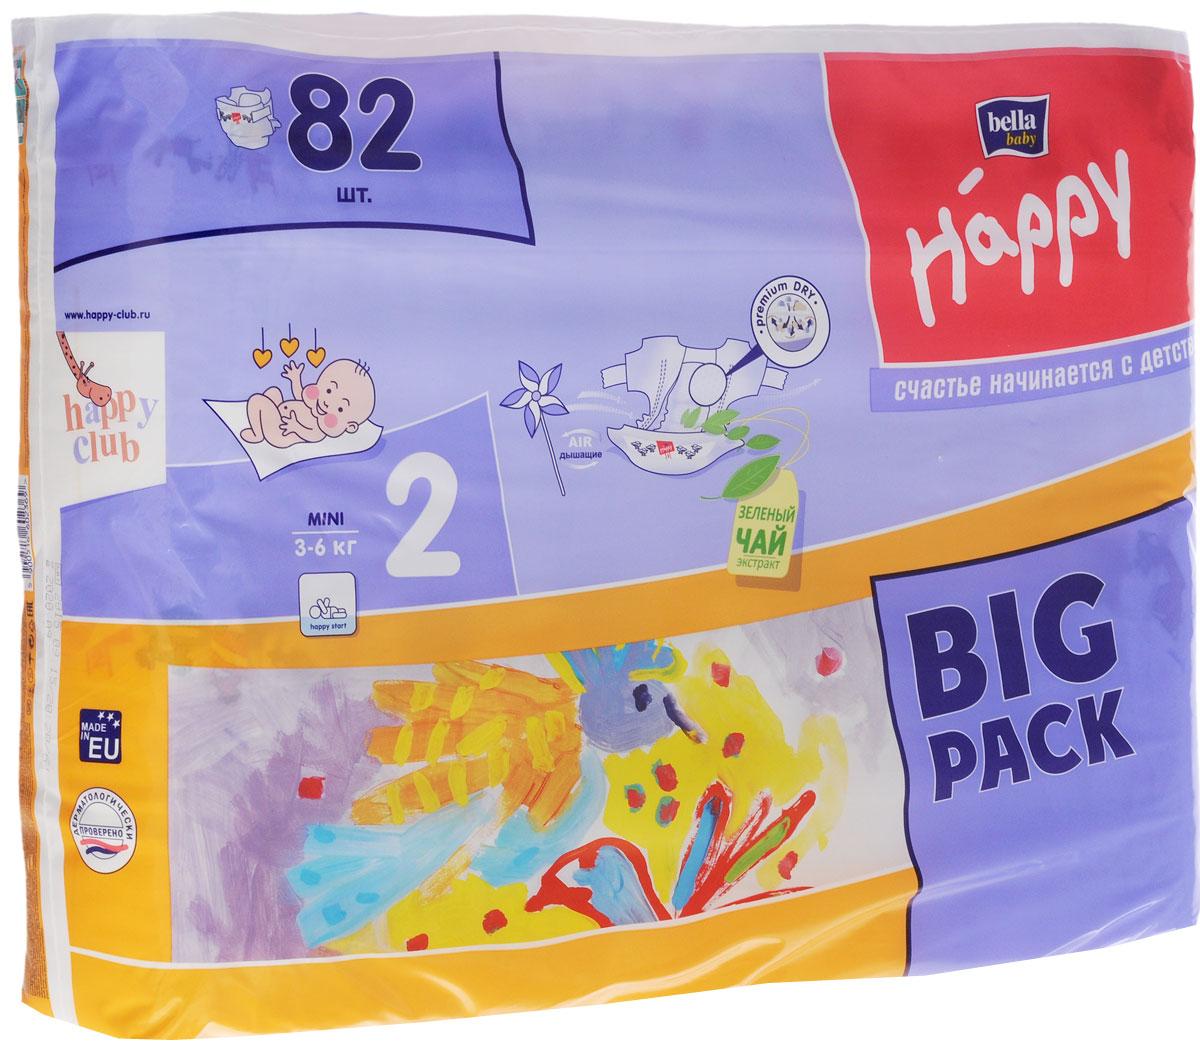 Bella Подгузники для детей Baby Happy размер Mini 2 3-6 кг 82 штBB-054-MI82-002Bella Подгузники для детей Baby Happy предназначены для младенцев с весом от 3 до 6 килограммов. На данном этапе развития ребенок еще не активен в движении, поэтому в данный период самым важным является ощущение сухости и спокойный сон. Благодаря дышащему внешнему слою они обеспечивают постоянный доступ воздуха к нежной коже малыша. Супервпитывающий вкладыш покрыт мягким нетканым материалом со структурой микроворонок - Premium Dry, которая благодаря своей конструкции позволяет впитывать не только мочу, но и жидкий стул. Жидкий стул, характерный для маленьких детей, из-за своей слегка кислой реакции, может раздражать кожу, поэтому чрезвычайно важно как можно быстрее изолировать его от нежной попки ребенка. Эластичные оборки, которые находятся внутри боковой части подгузника, удерживают содержимое на месте, предотвращая боковые протекания и повышая тем самым комфорт использования подгузника. Надлежащую фиксацию обеспечивают крепкие липучки, правильно надеть подгузник...